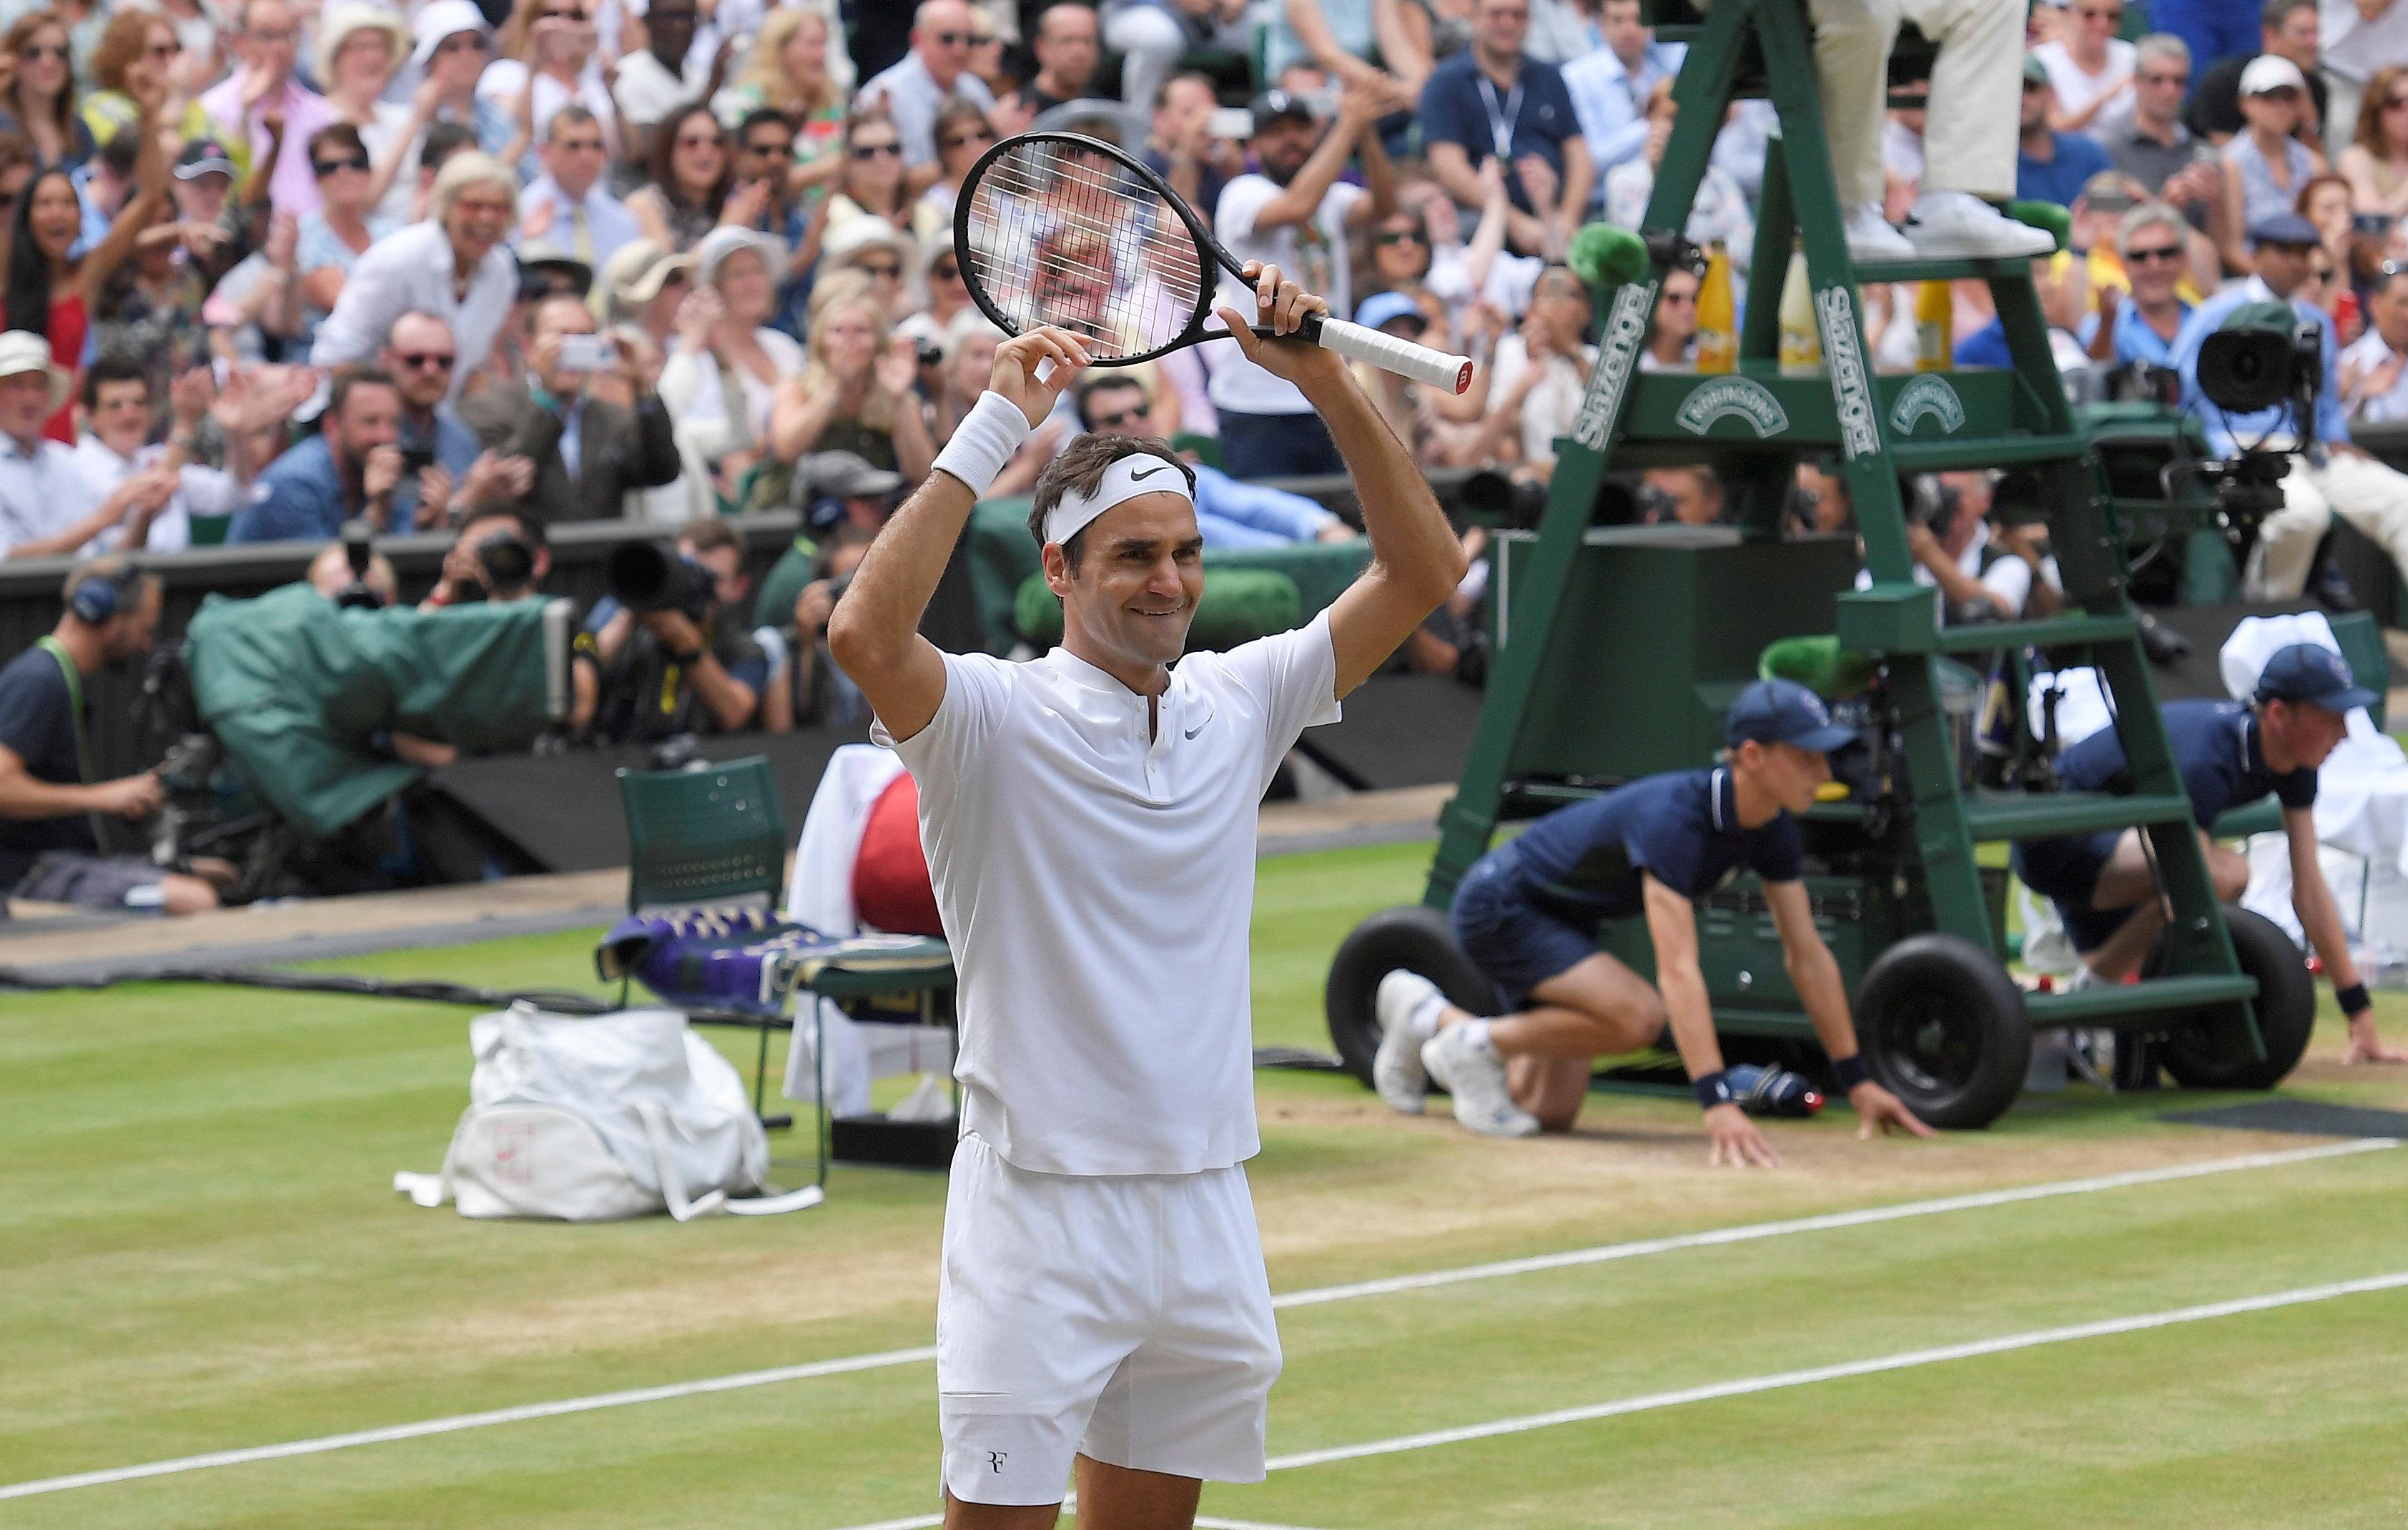 فيدرر أسطورة التنس